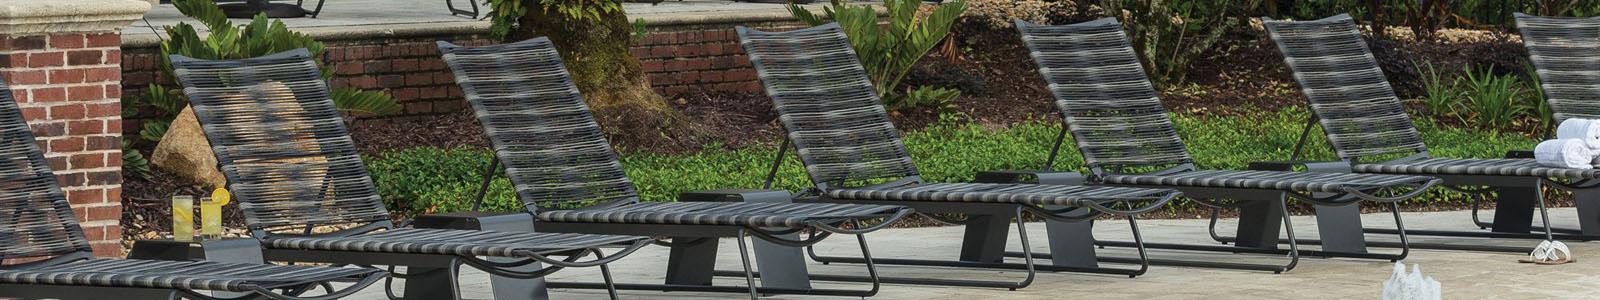 Ebel Outdoor Patio Furniture Banner